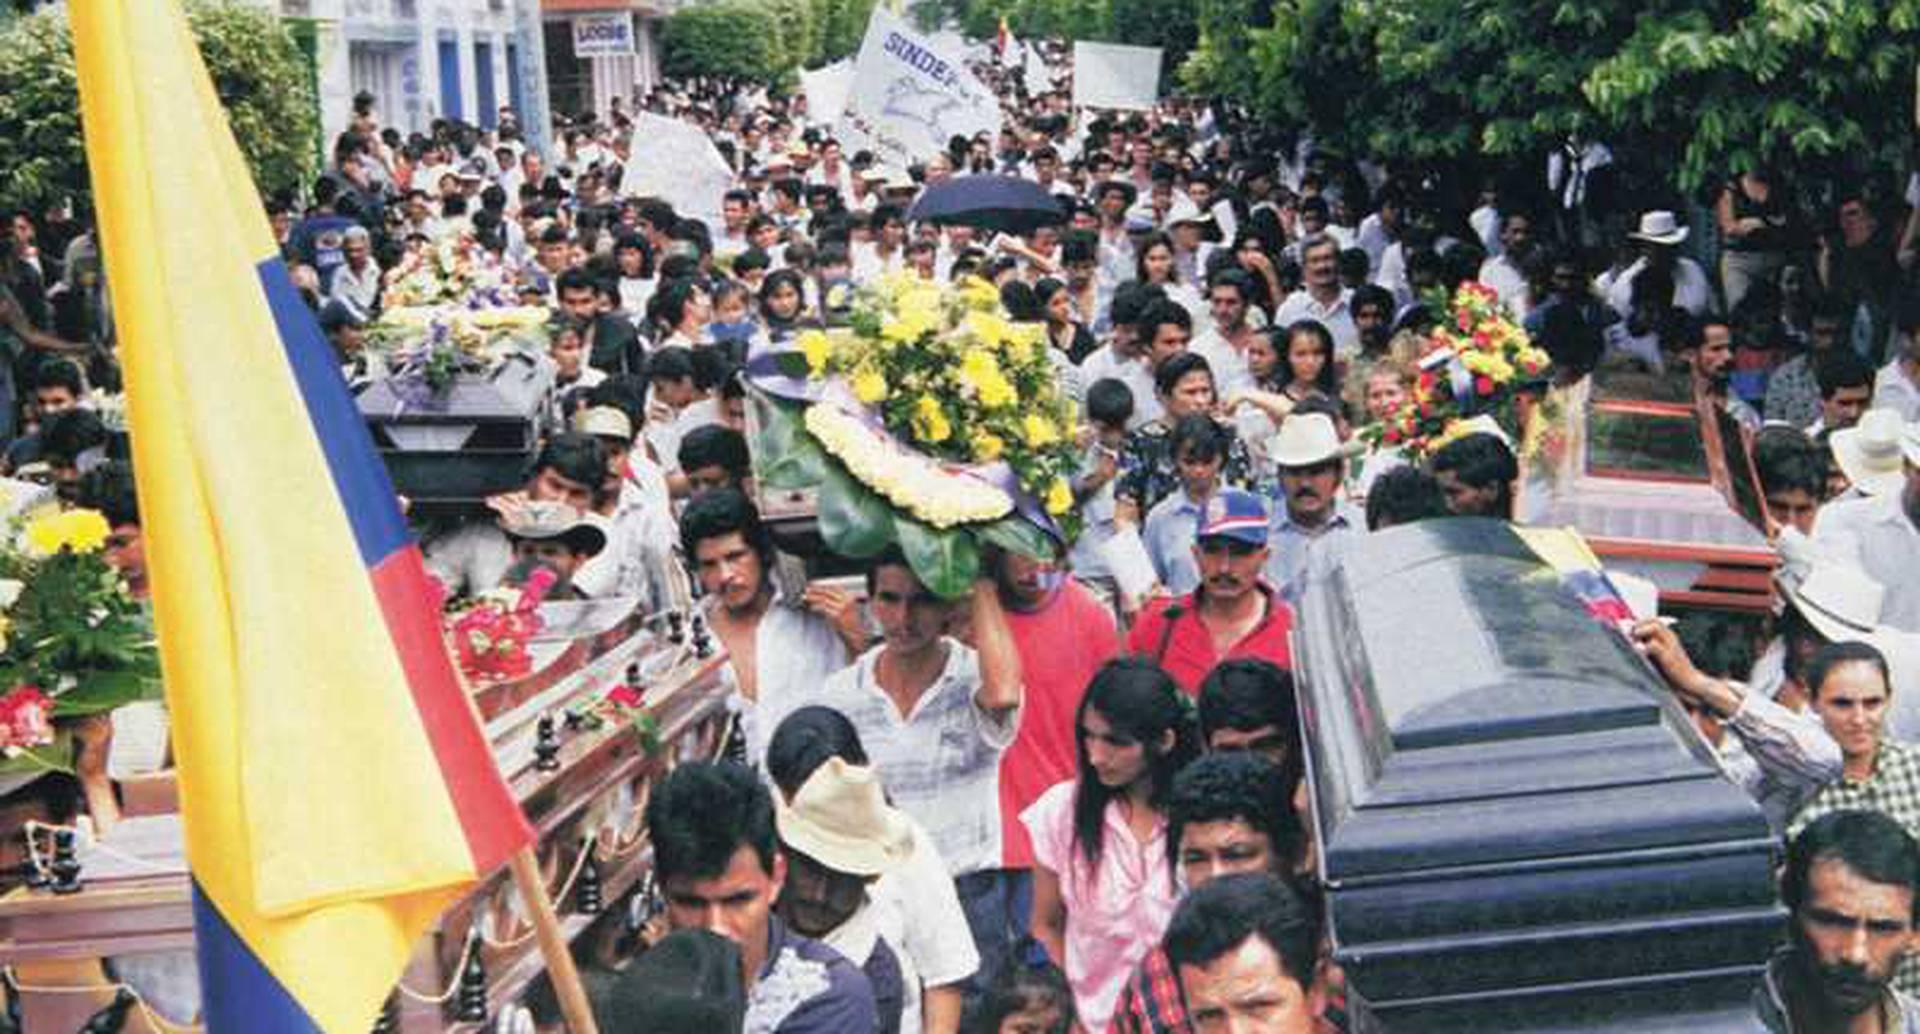 Campo de batalla: El bombardeo al caserío Santo Domingo, el 13 de diciembre de 1998, y su posterior encubrimiento por parte de la Fuerza Aérea dejaron amargas lecciones para esta institución: sanciones internacionales, pérdida de credibilidad y condenas. Esto, después de que el Ejército montó una gran operación contra combatientes de las FARC, en los alrededores de ese sitio en Tame (Arauca).